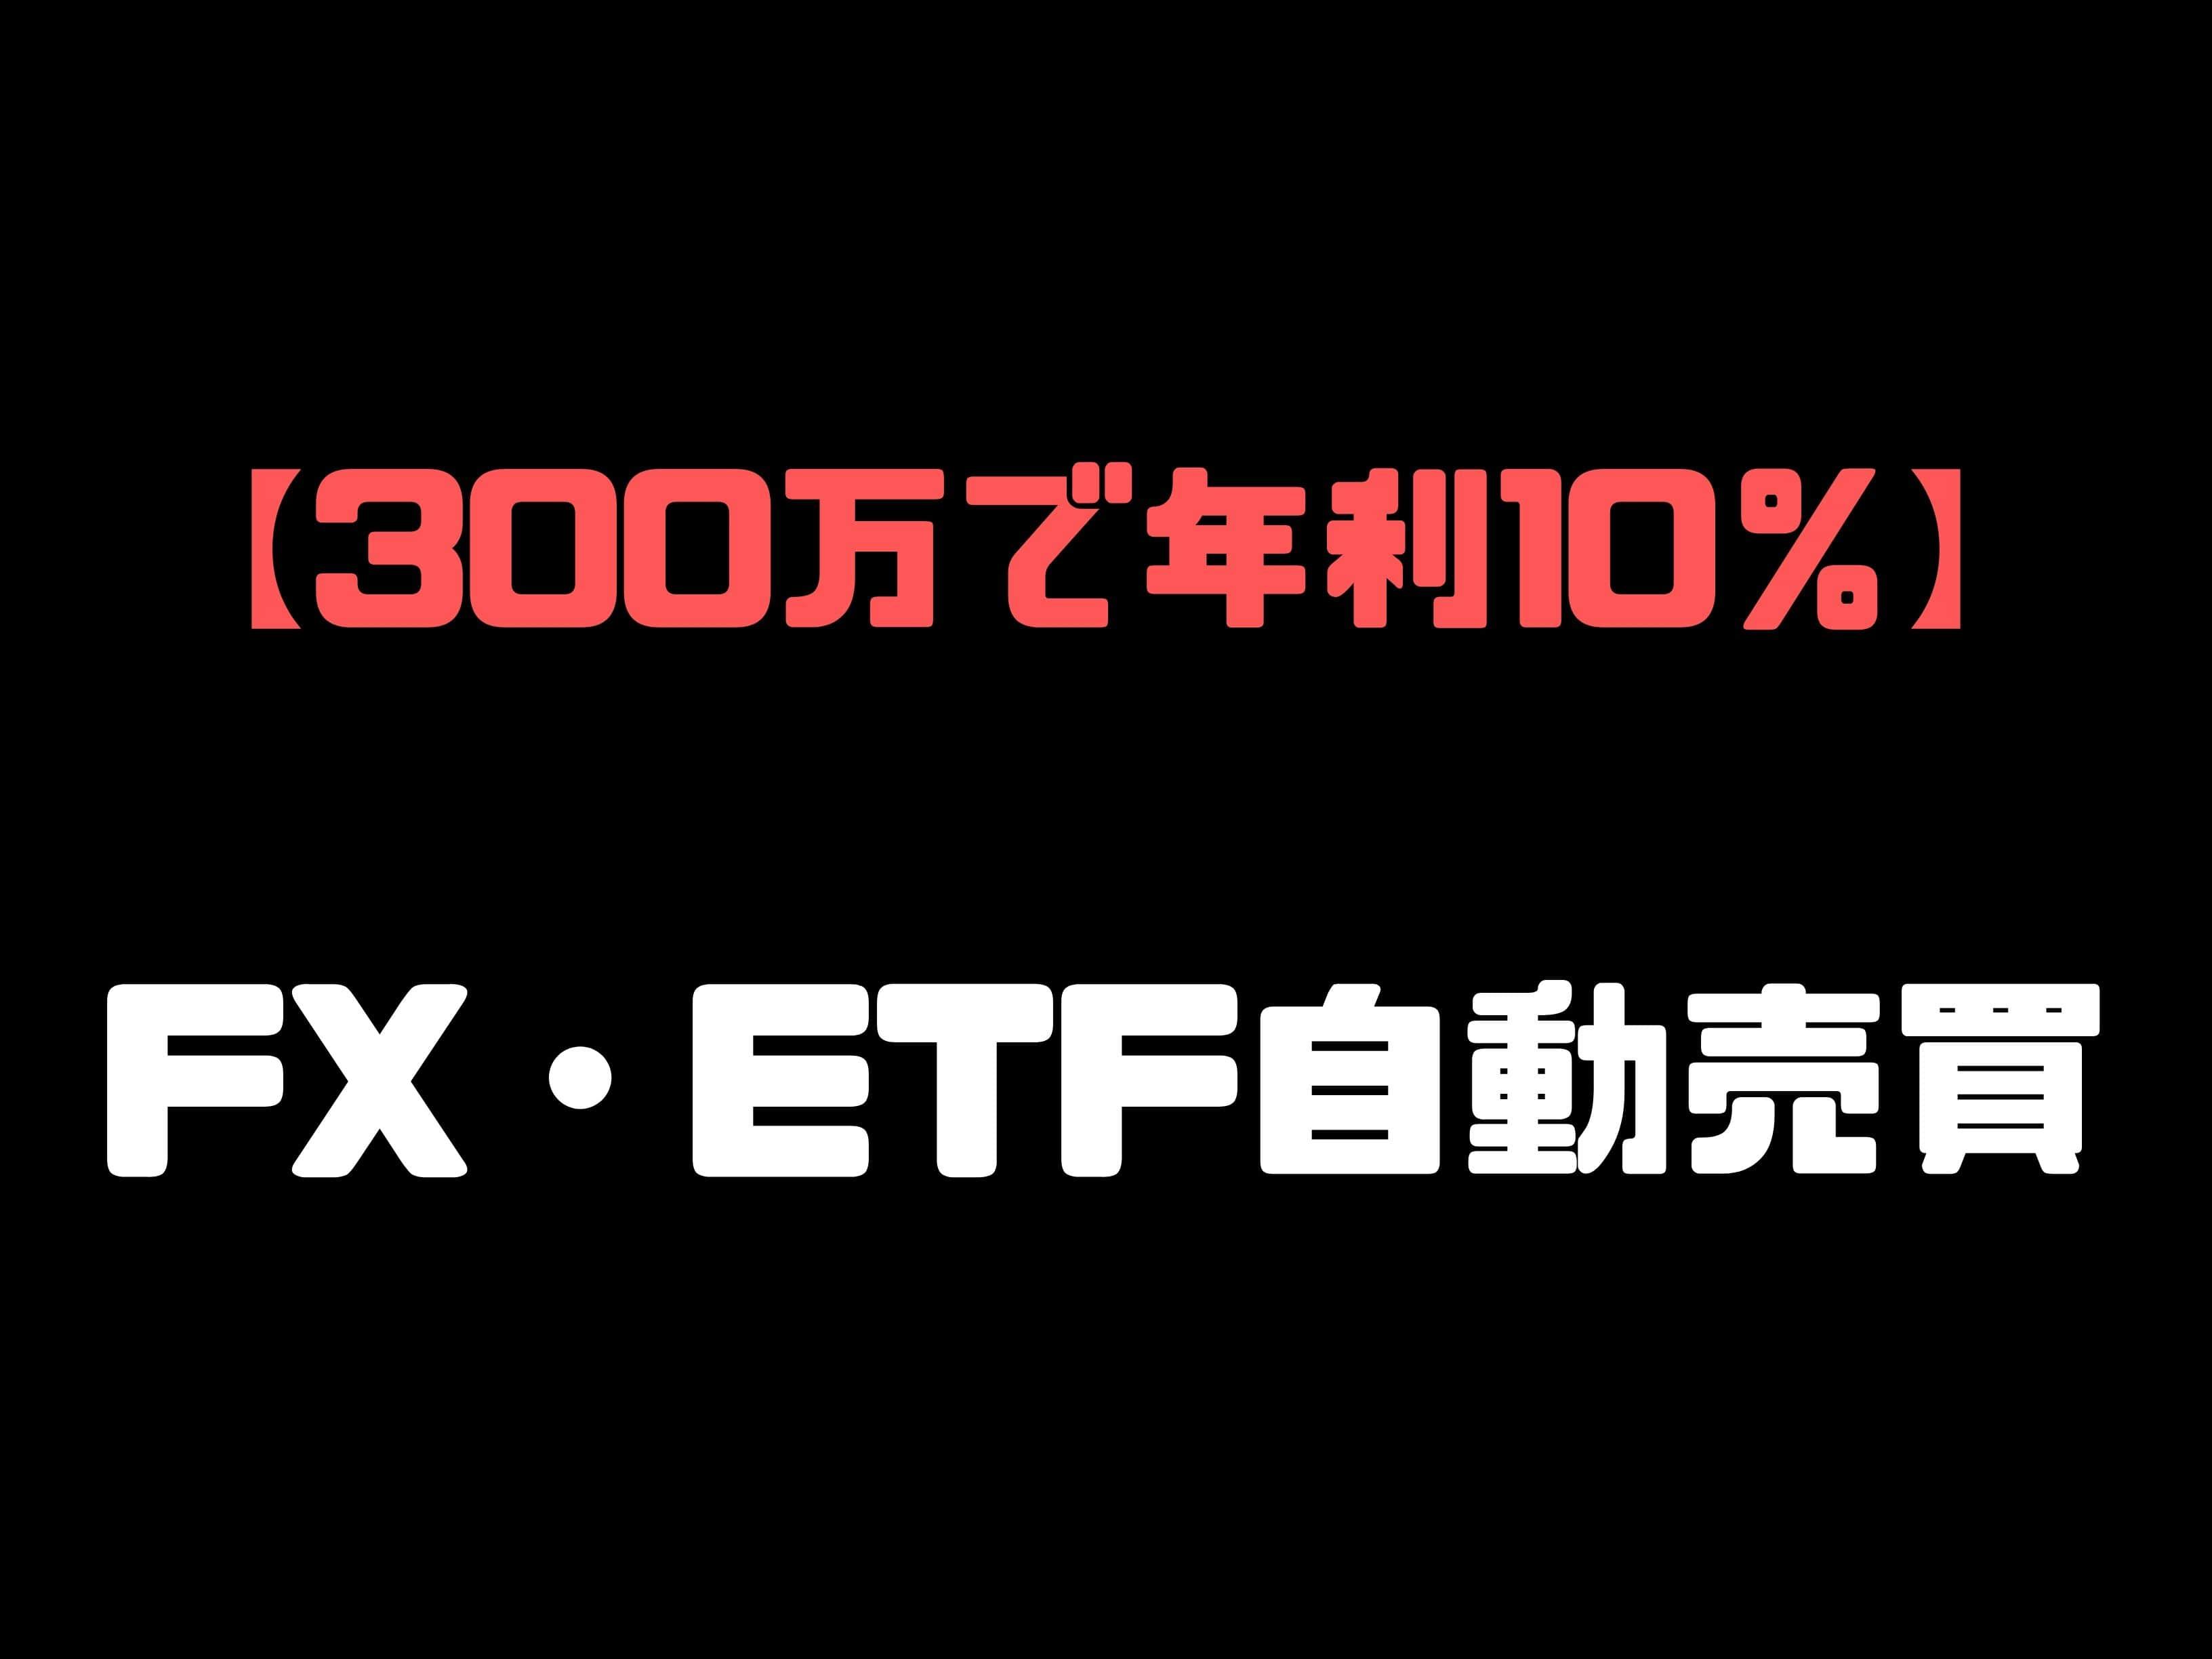 インヴァスト証券のトライオートETF・FXで自動売買【300万の元本で年利10%の投資方法】